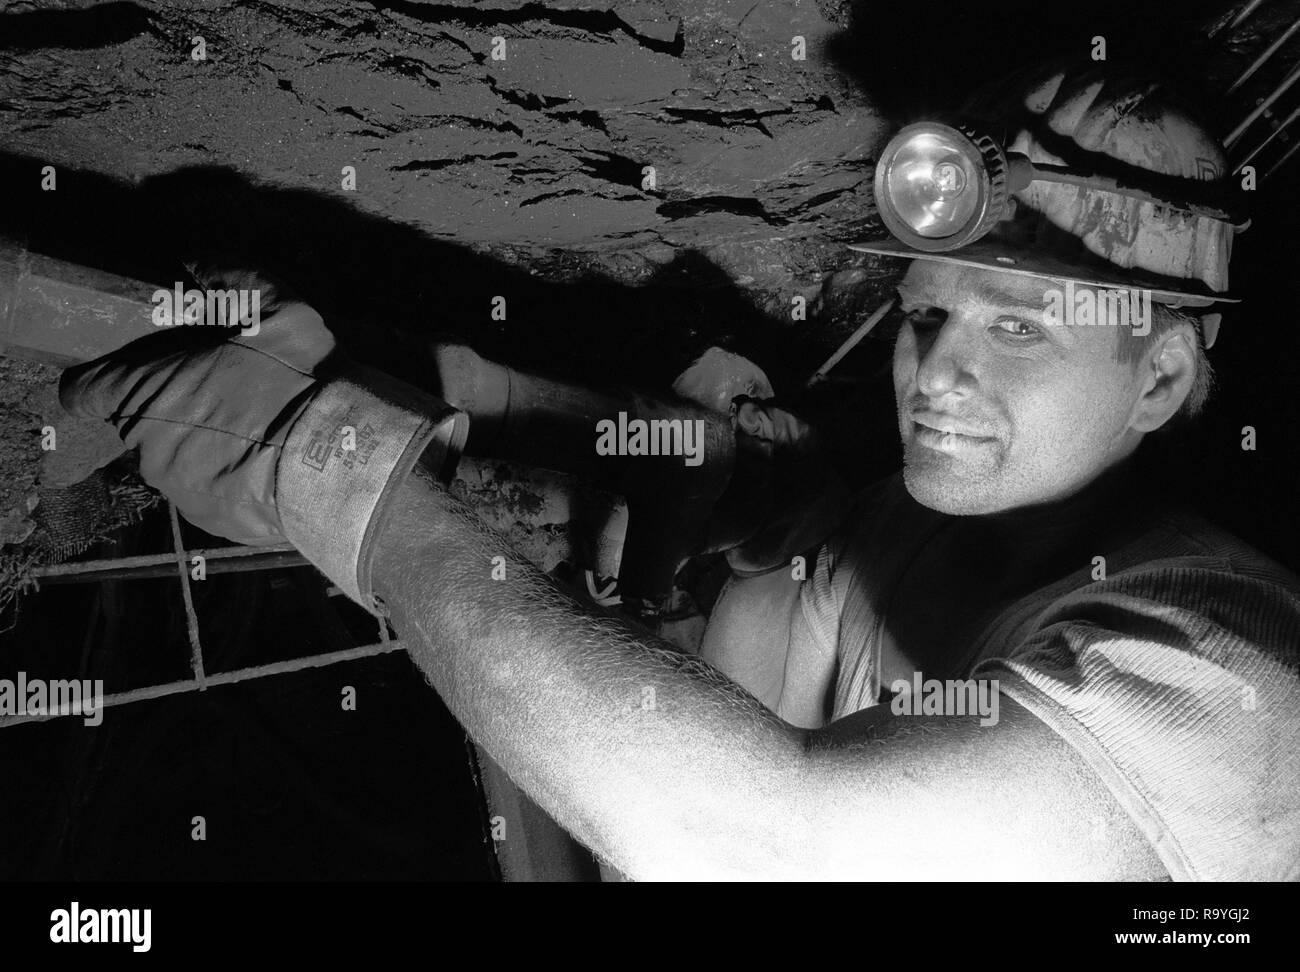 03.04.1993, Hamm, Nordrhein-Westfalen, Deutschland - Bergmann mit Bohrer im Floez Sonnenschein, Steinkohlen-Bergwerk Zeche Heinrich-Robert der Ruhrkoh - Stock Image